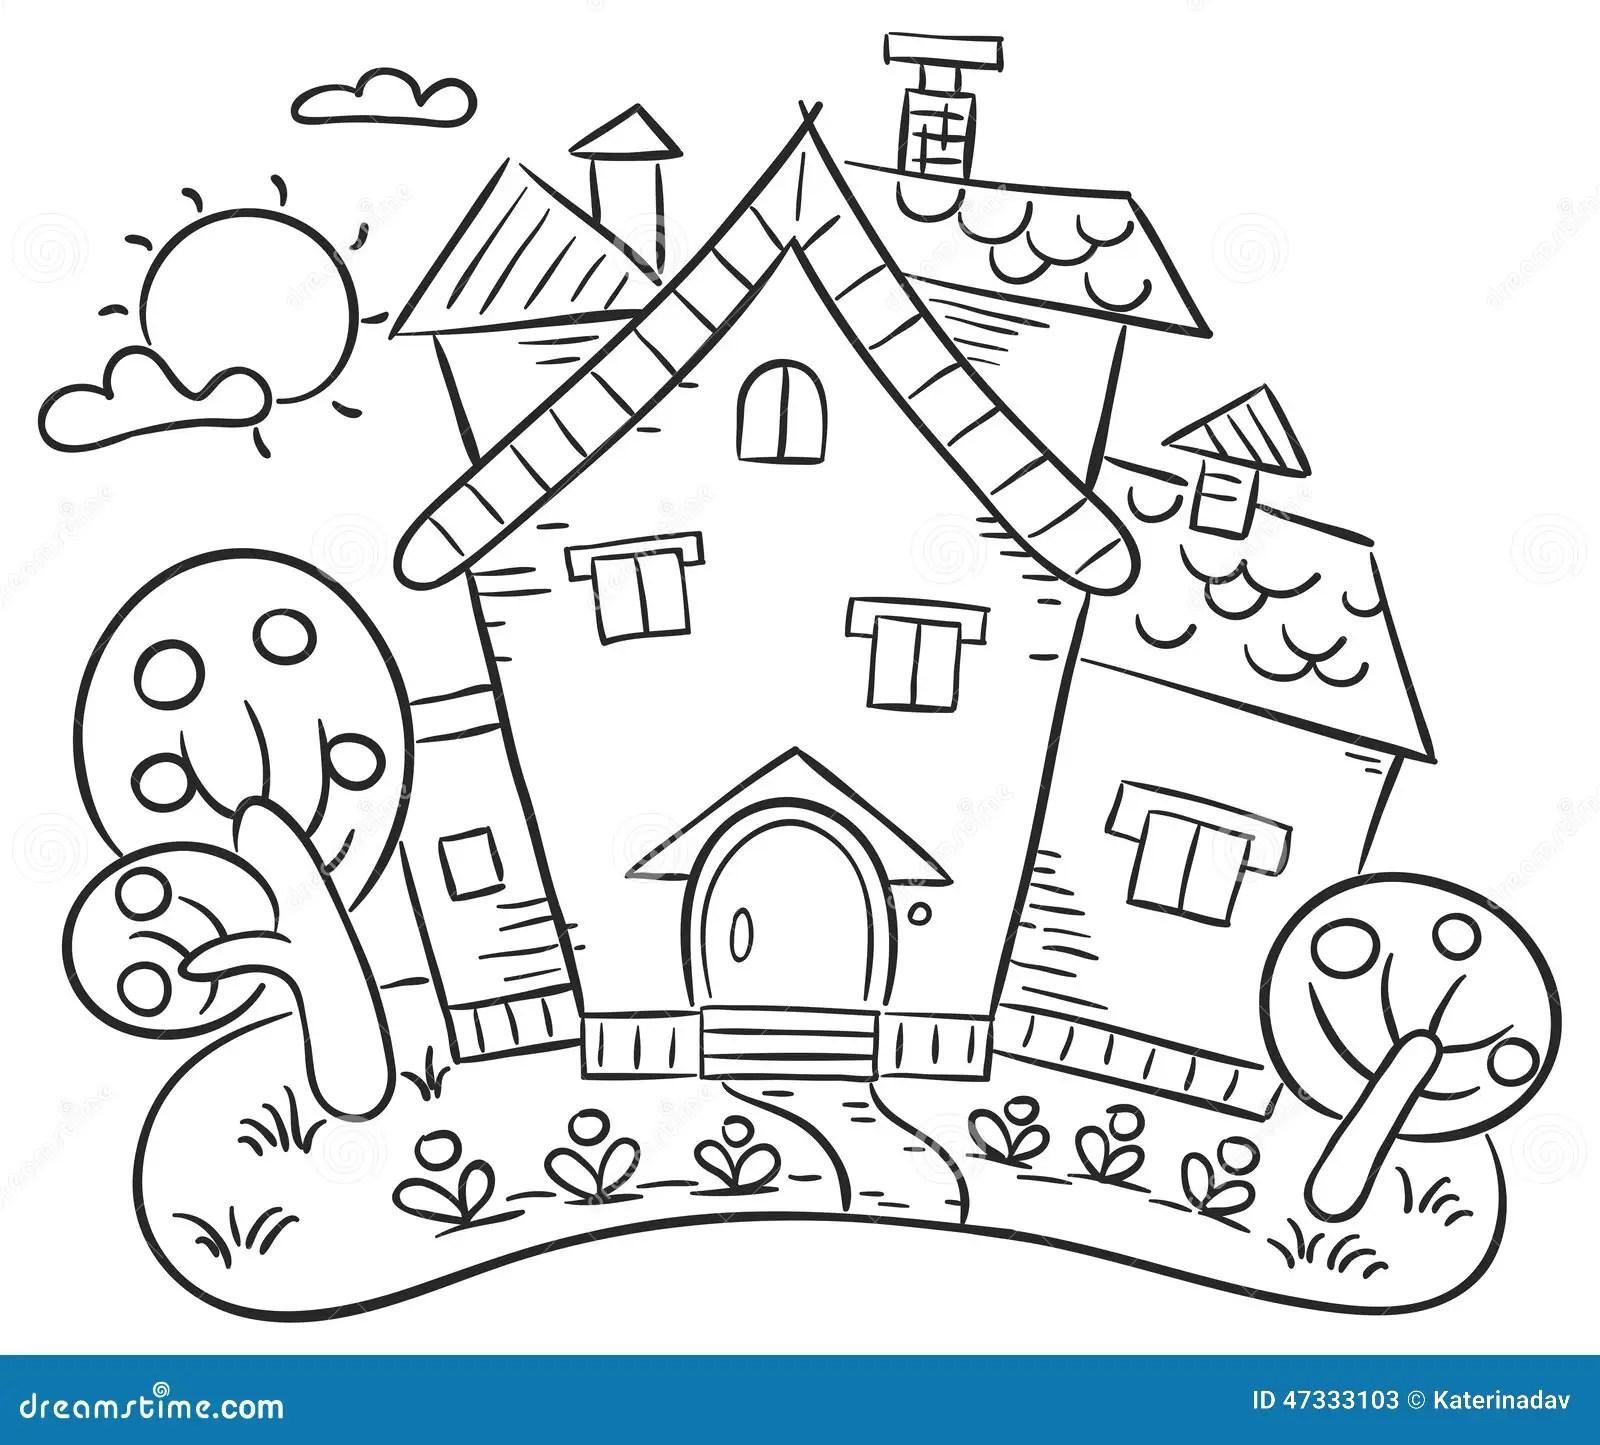 Countryside House With A Garden Stock Vector